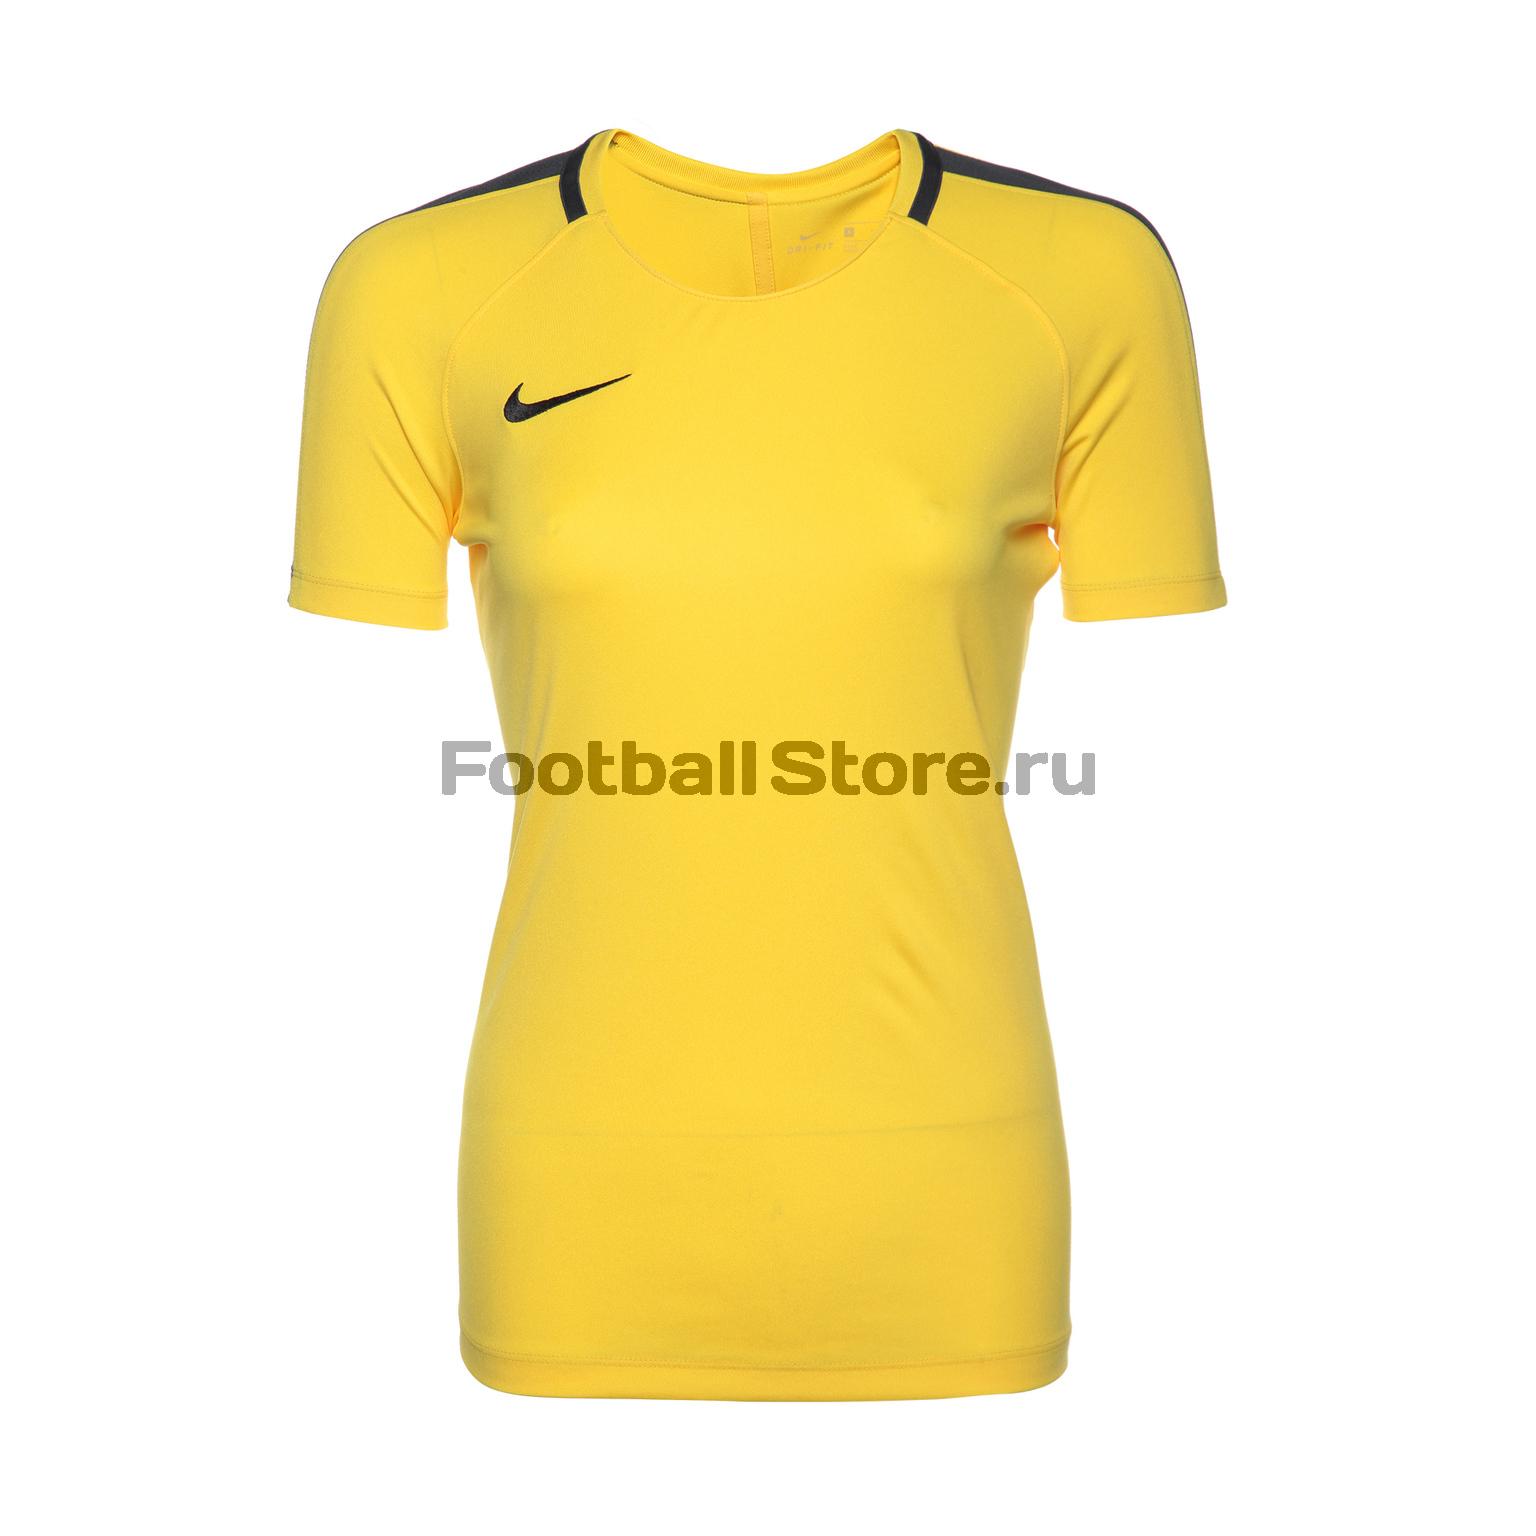 Футболка тренировочная женская Nike Academy 893741-719 футболка тренировочная женская nike academy 893741 361